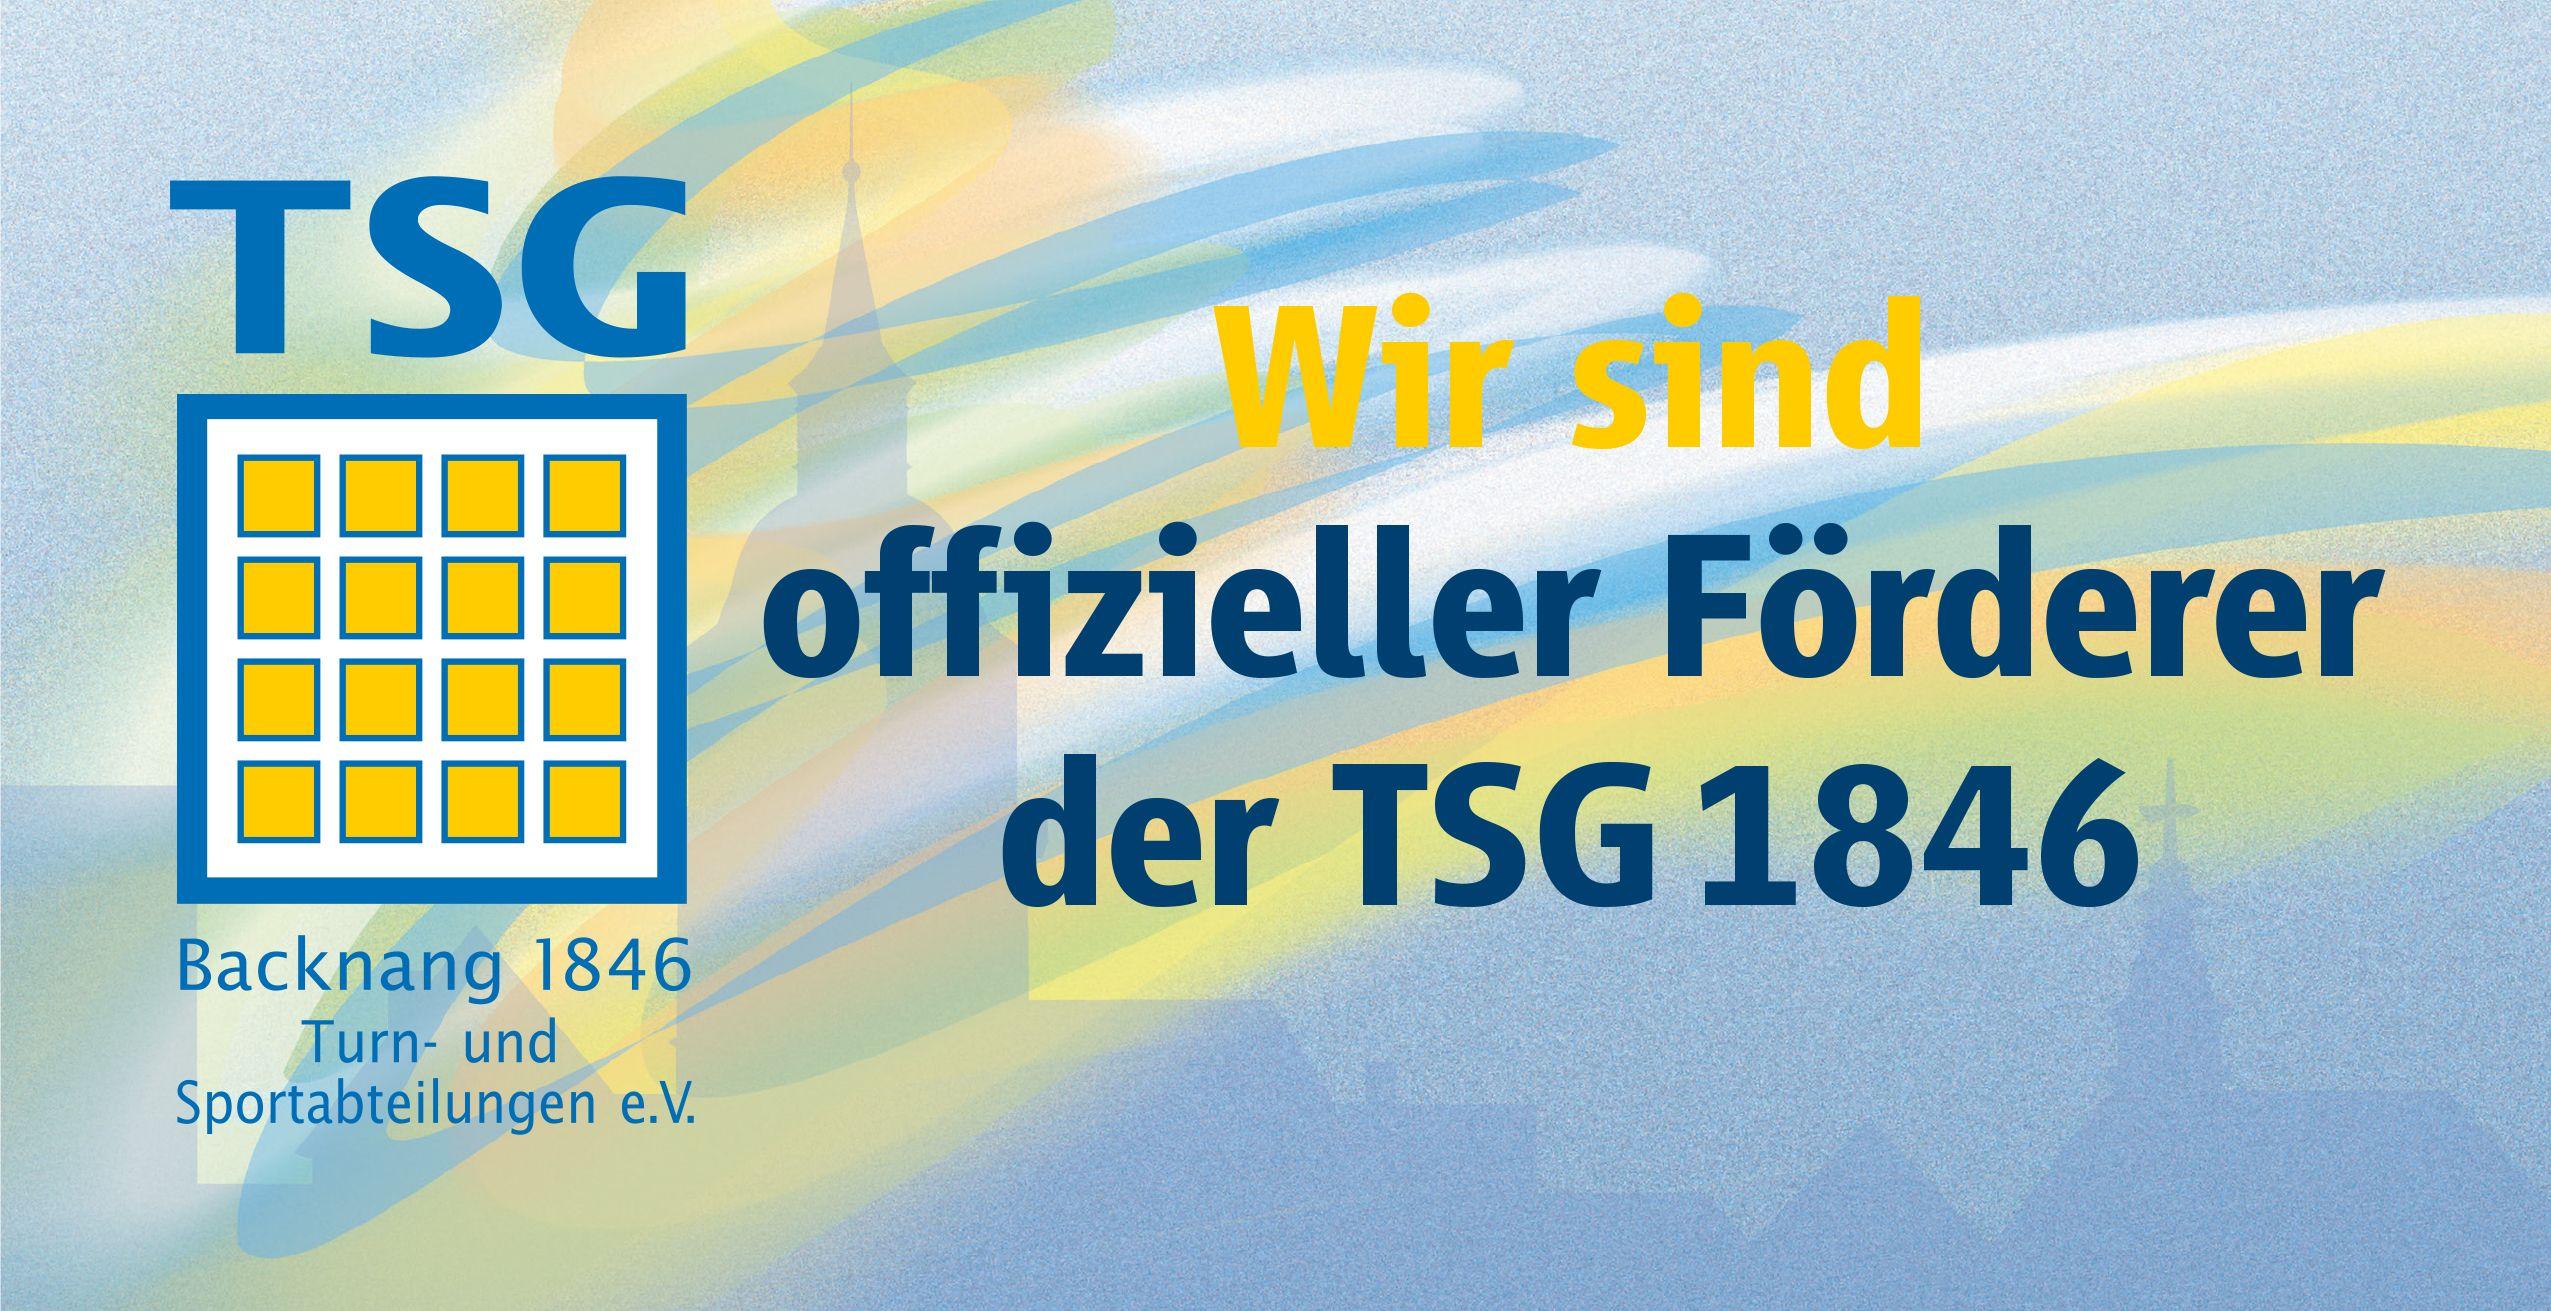 TSG Backnang - TALBAU-Haus ist offizieller Förderer